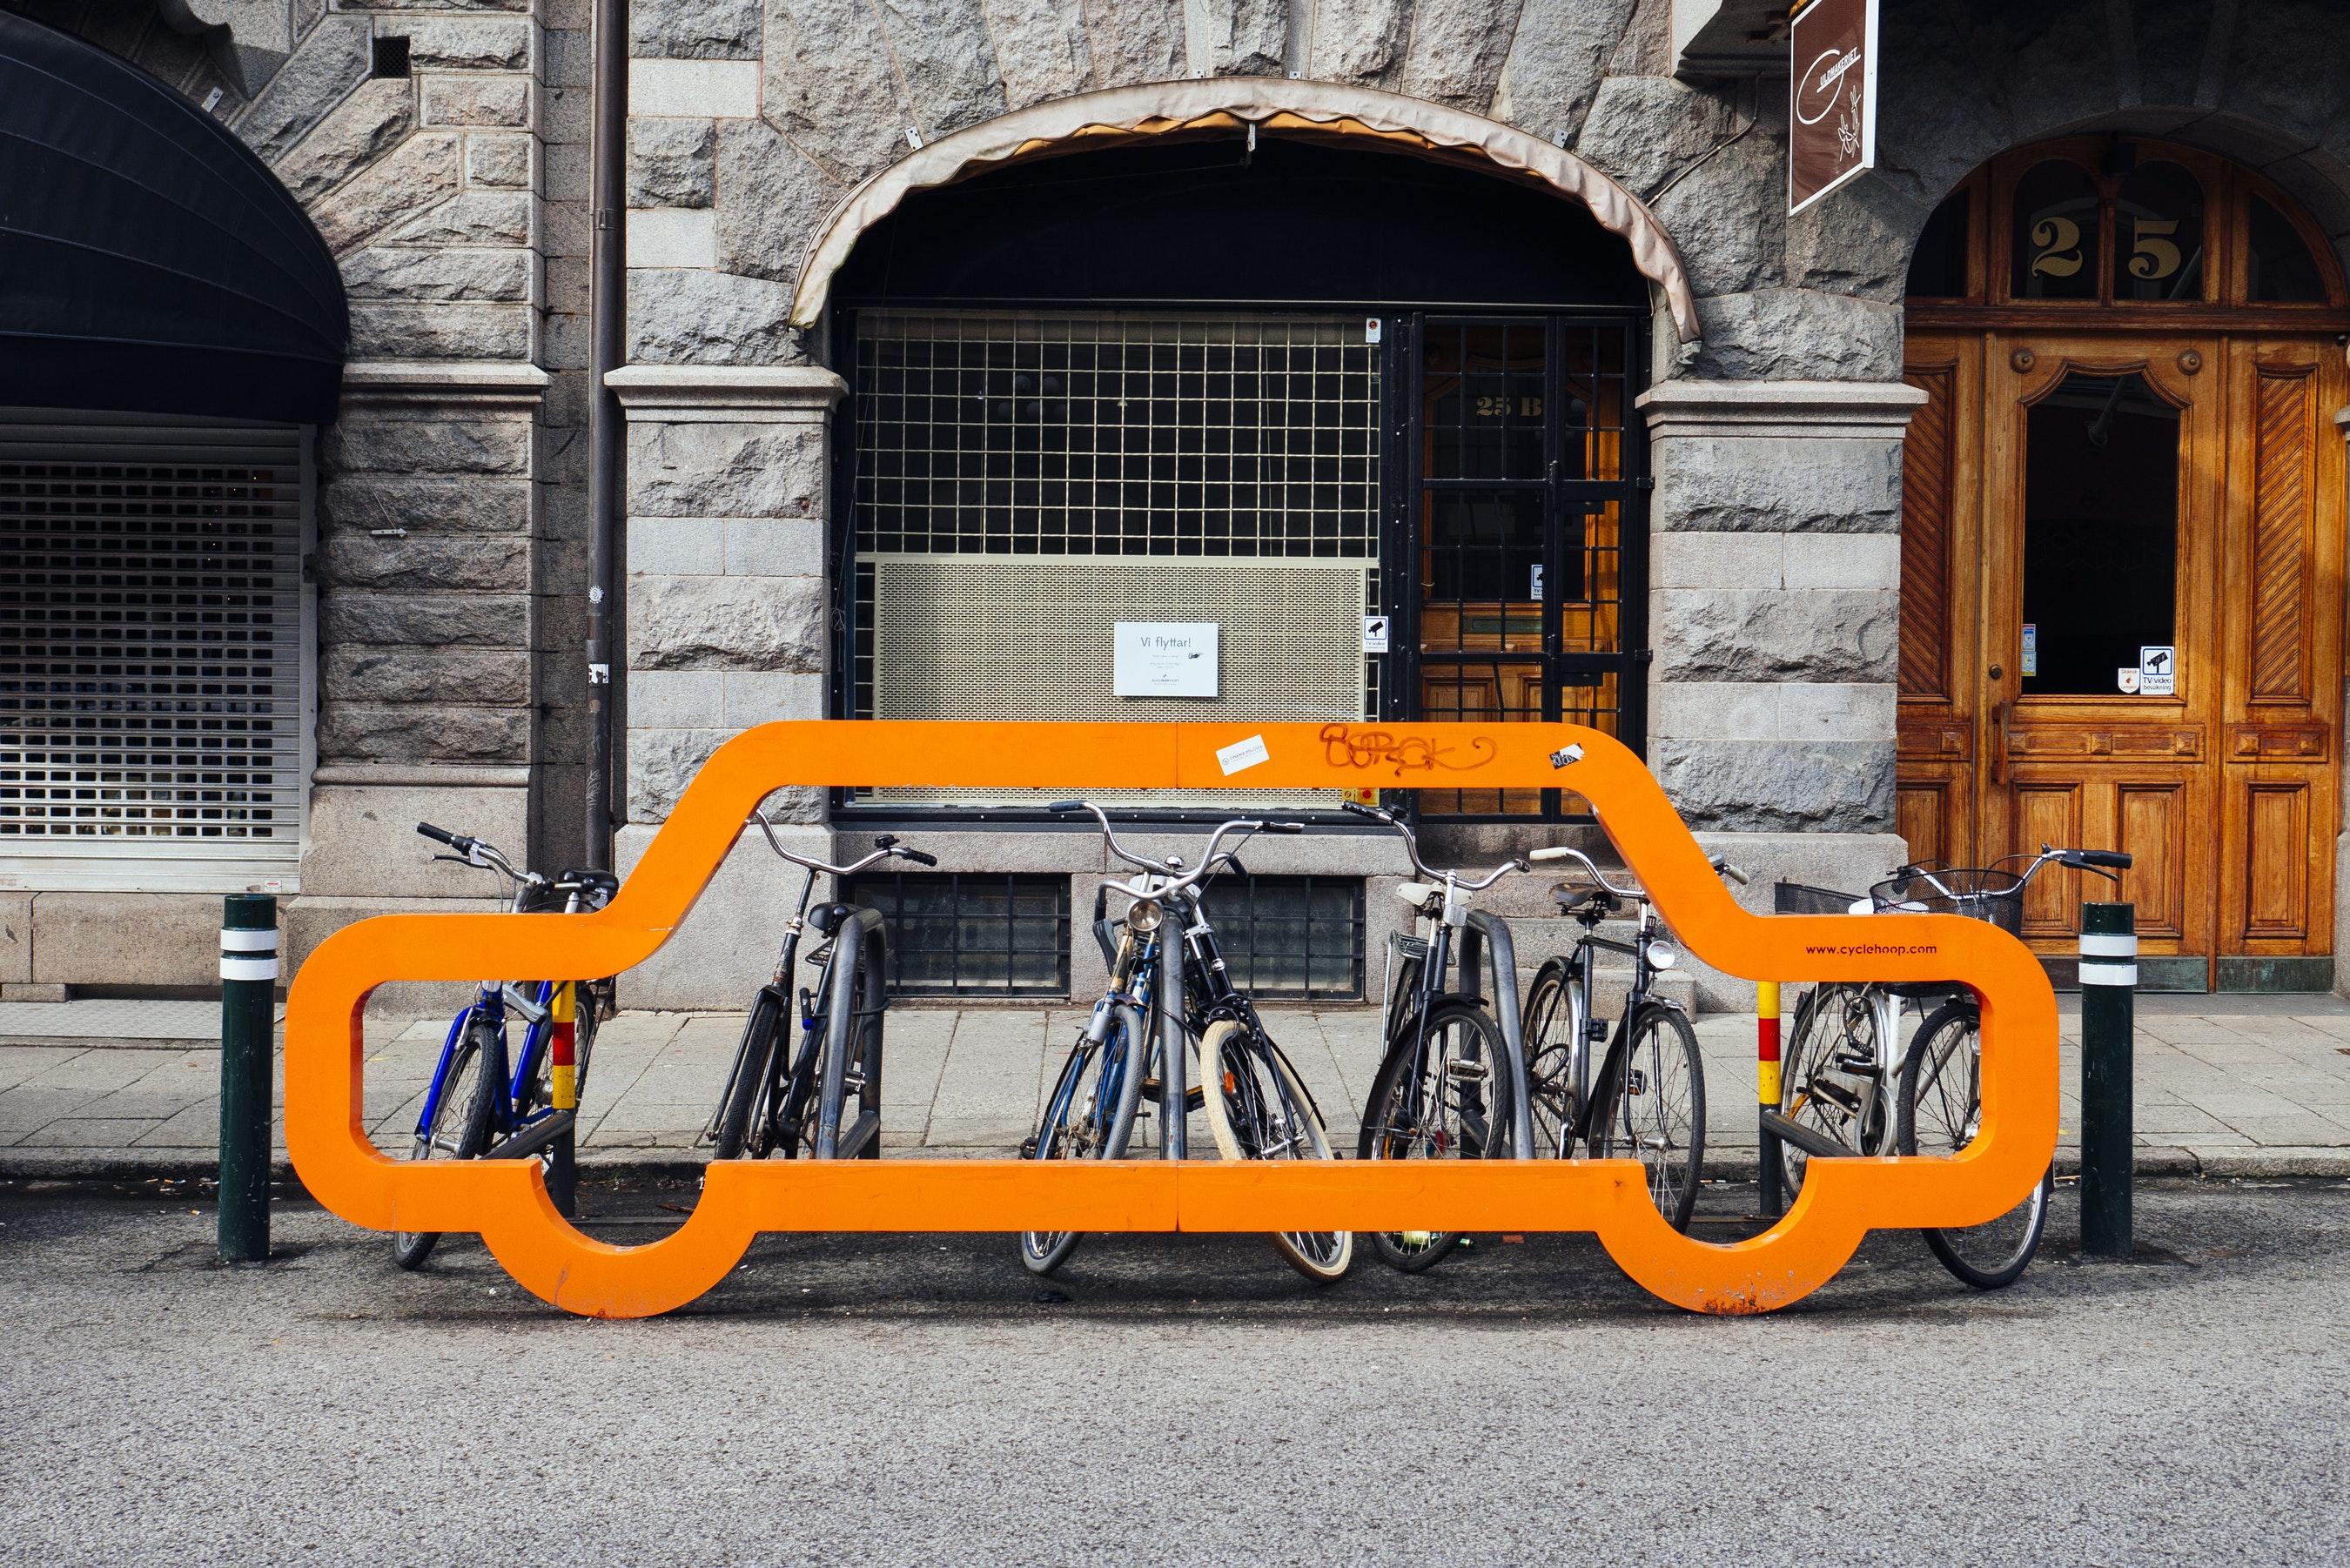 Fahrrad statt Auto umweltfreundlich